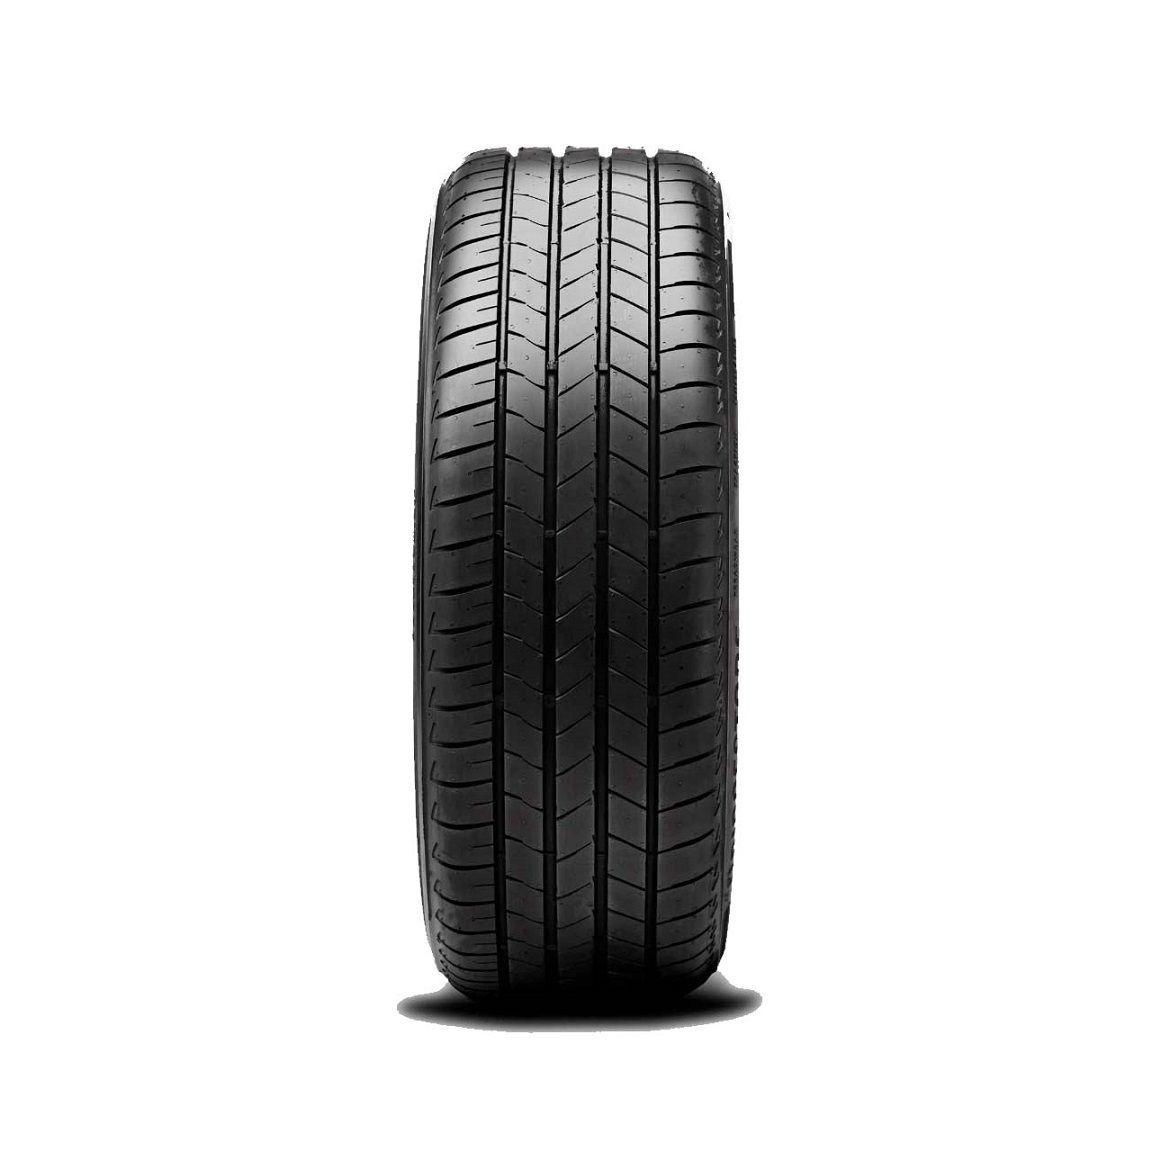 Pneu 225/45 R 17 - Turanza T005 91W - Bridgestone